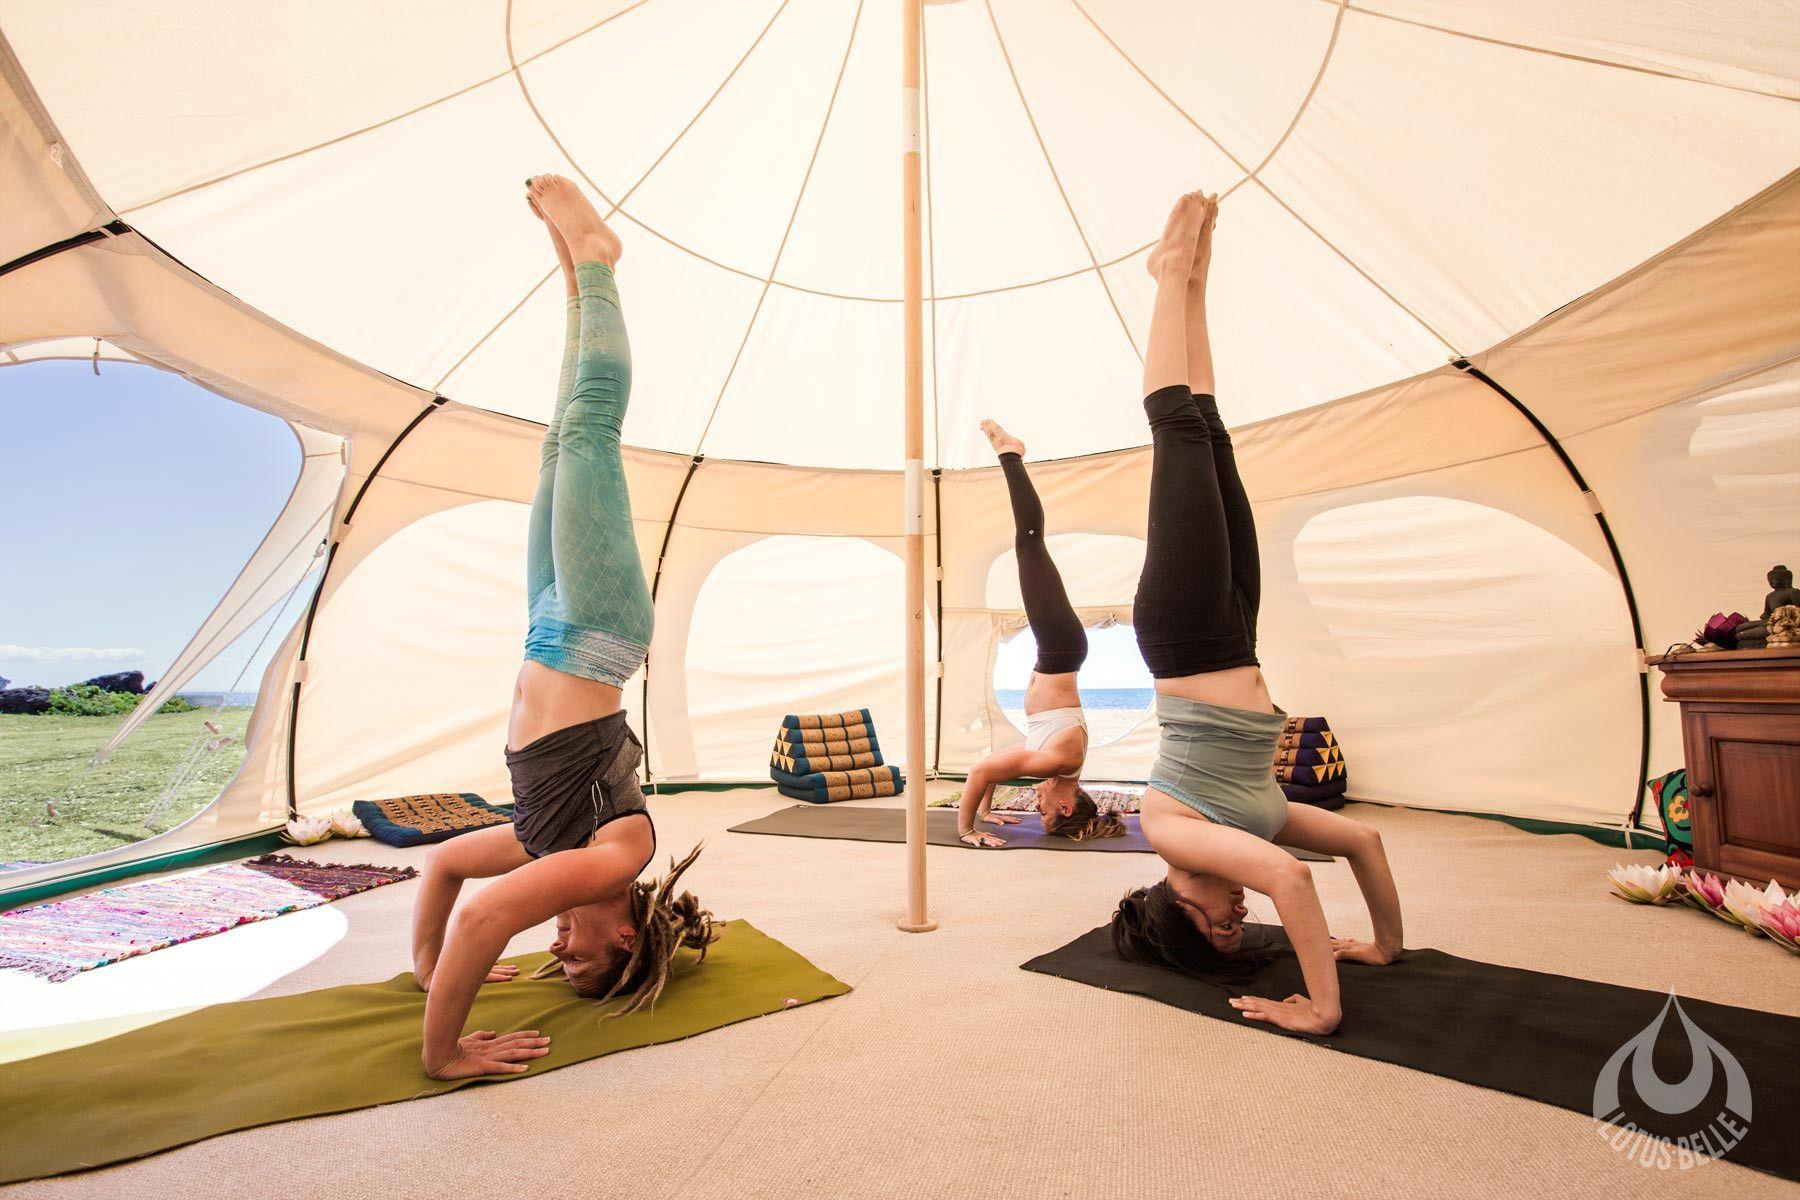 Lotus Belle USA u0026 Canada - Gl&ing Lotus Belle Luxury C&ing Tents & Lotus Belle USA u0026 Canada - Glamping Lotus Belle Luxury Camping ...